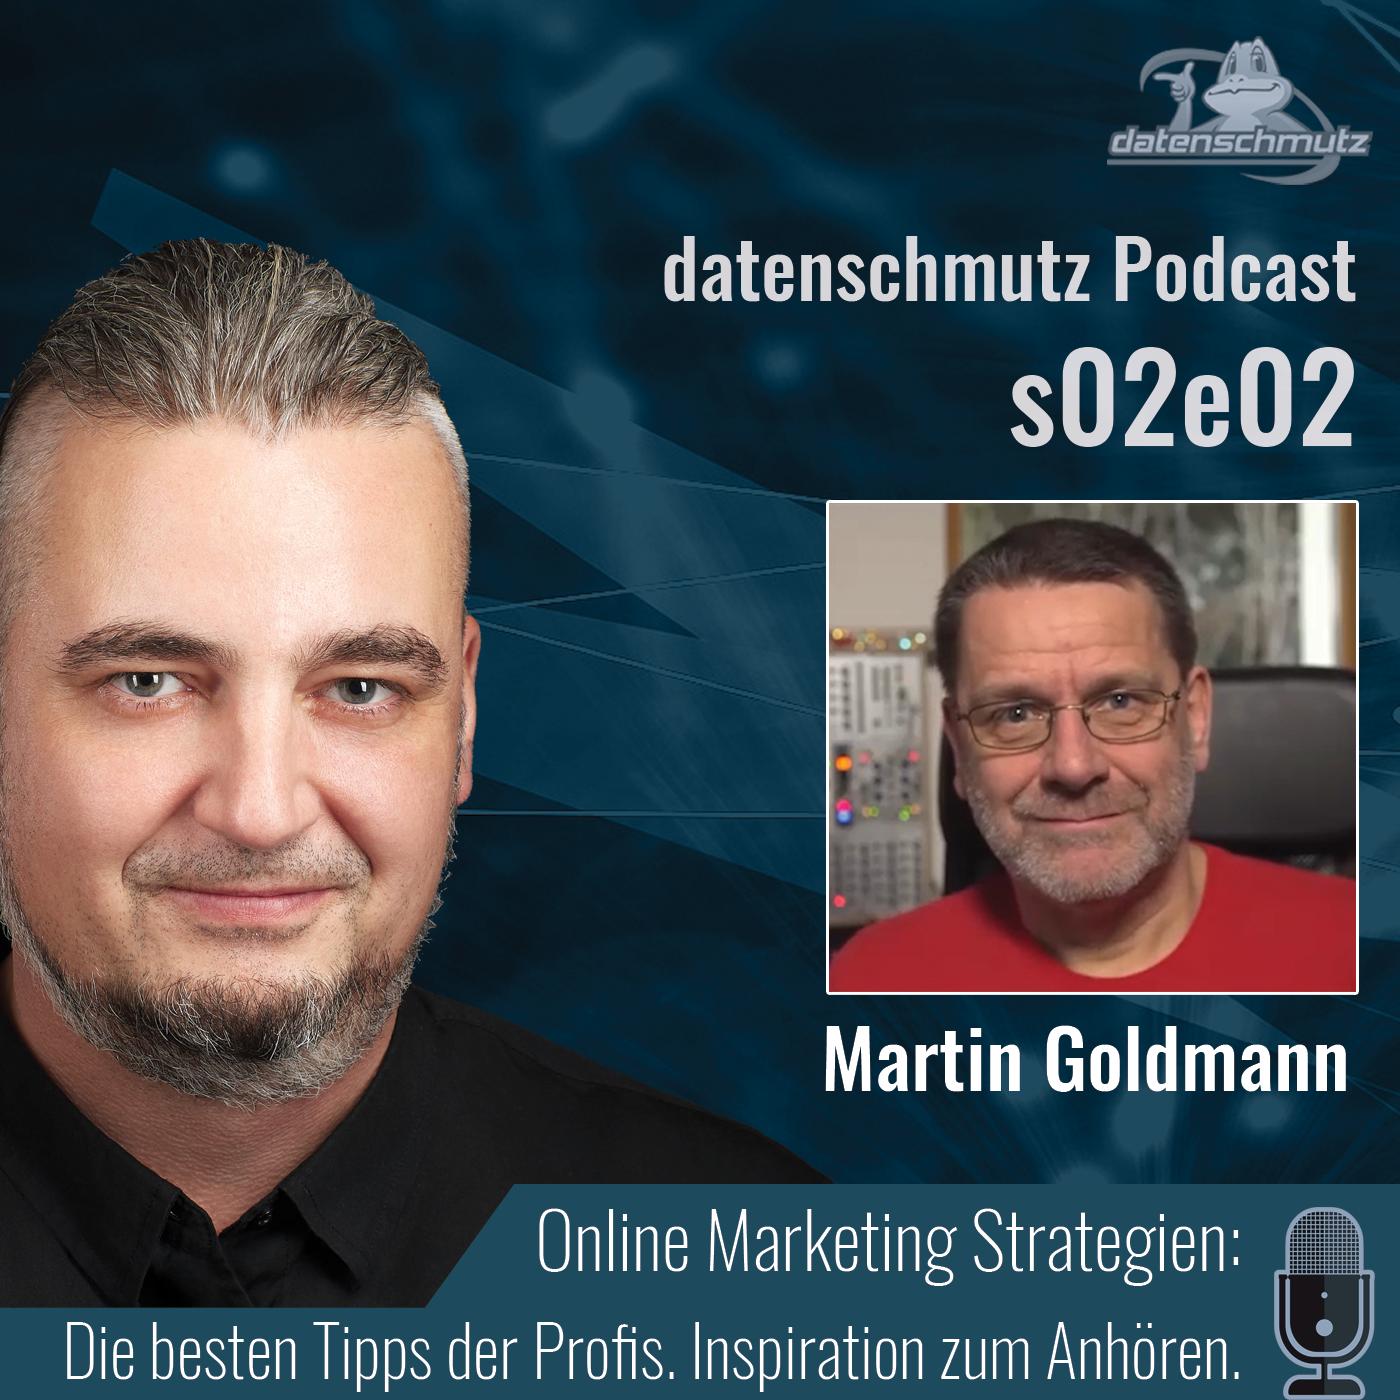 Martin Goldmann im datenschmutz Podcast